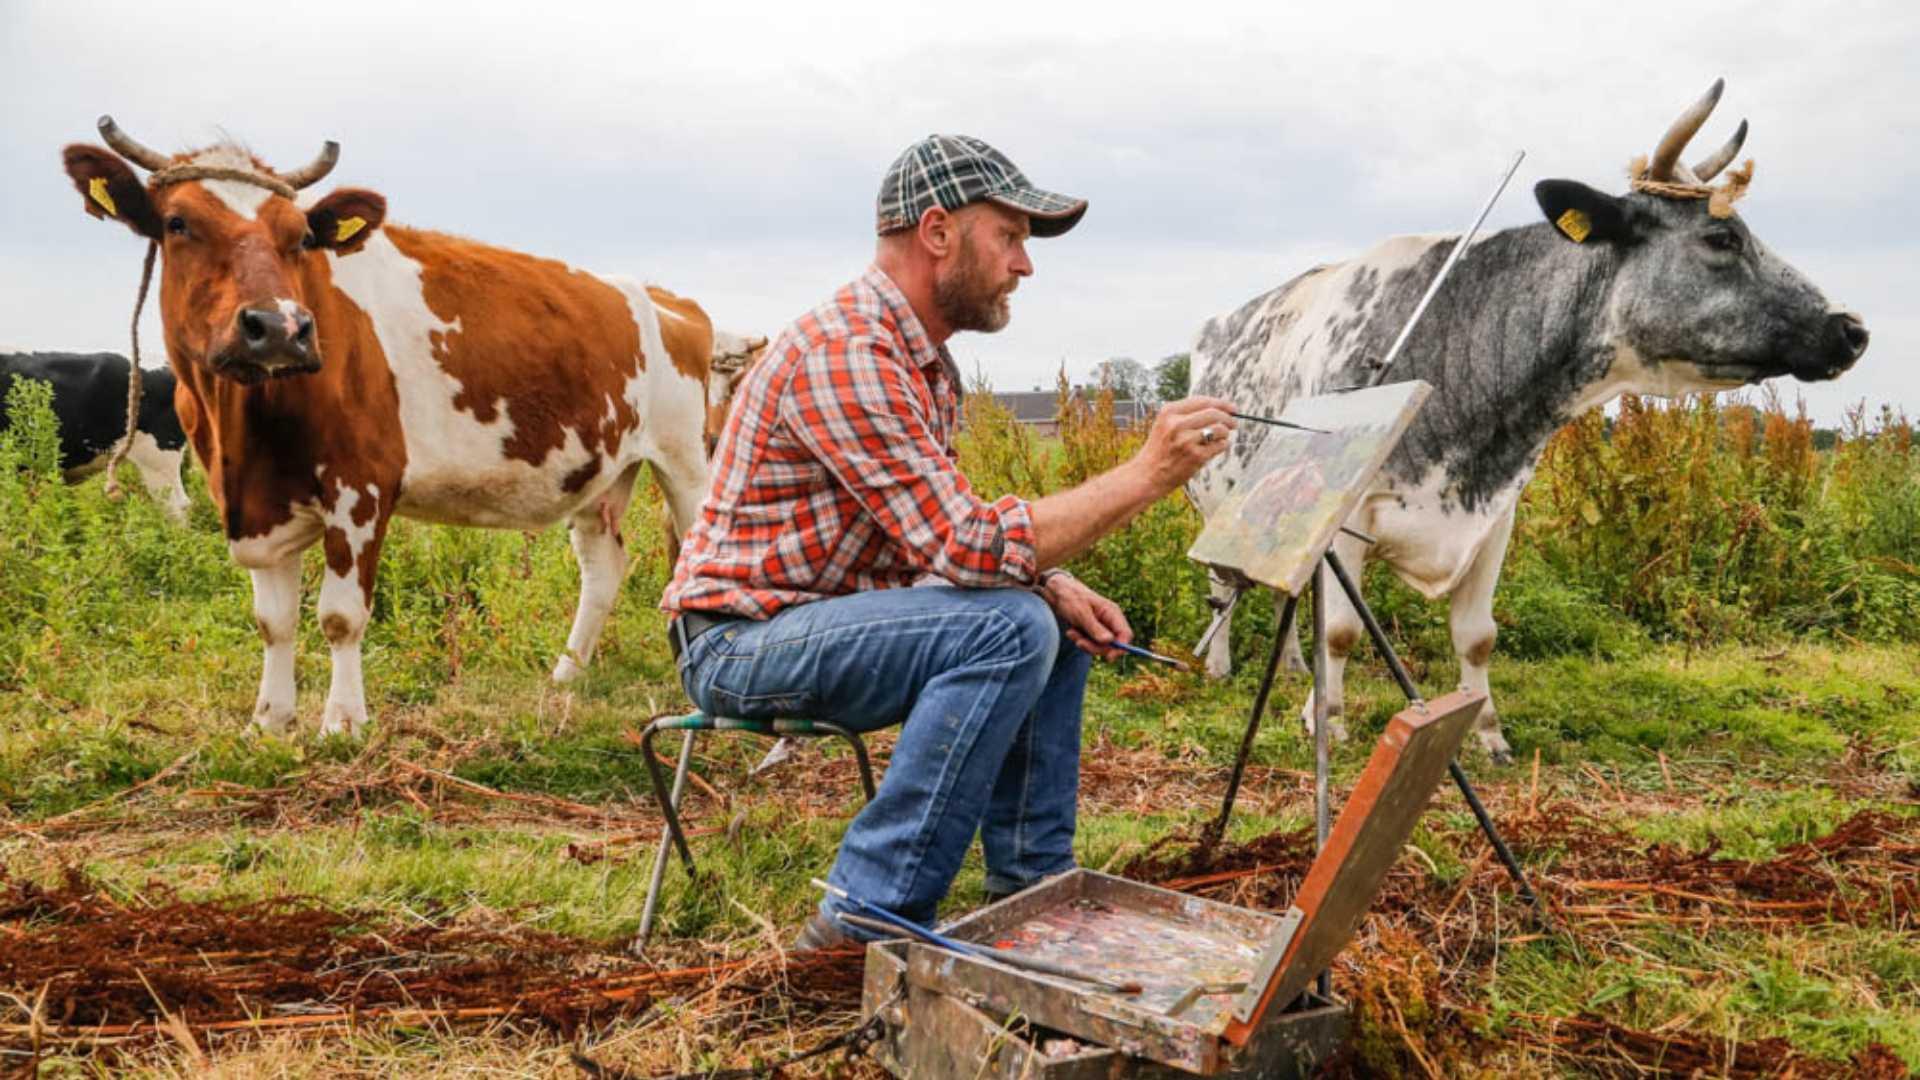 Koeienschilder Ruud Spil